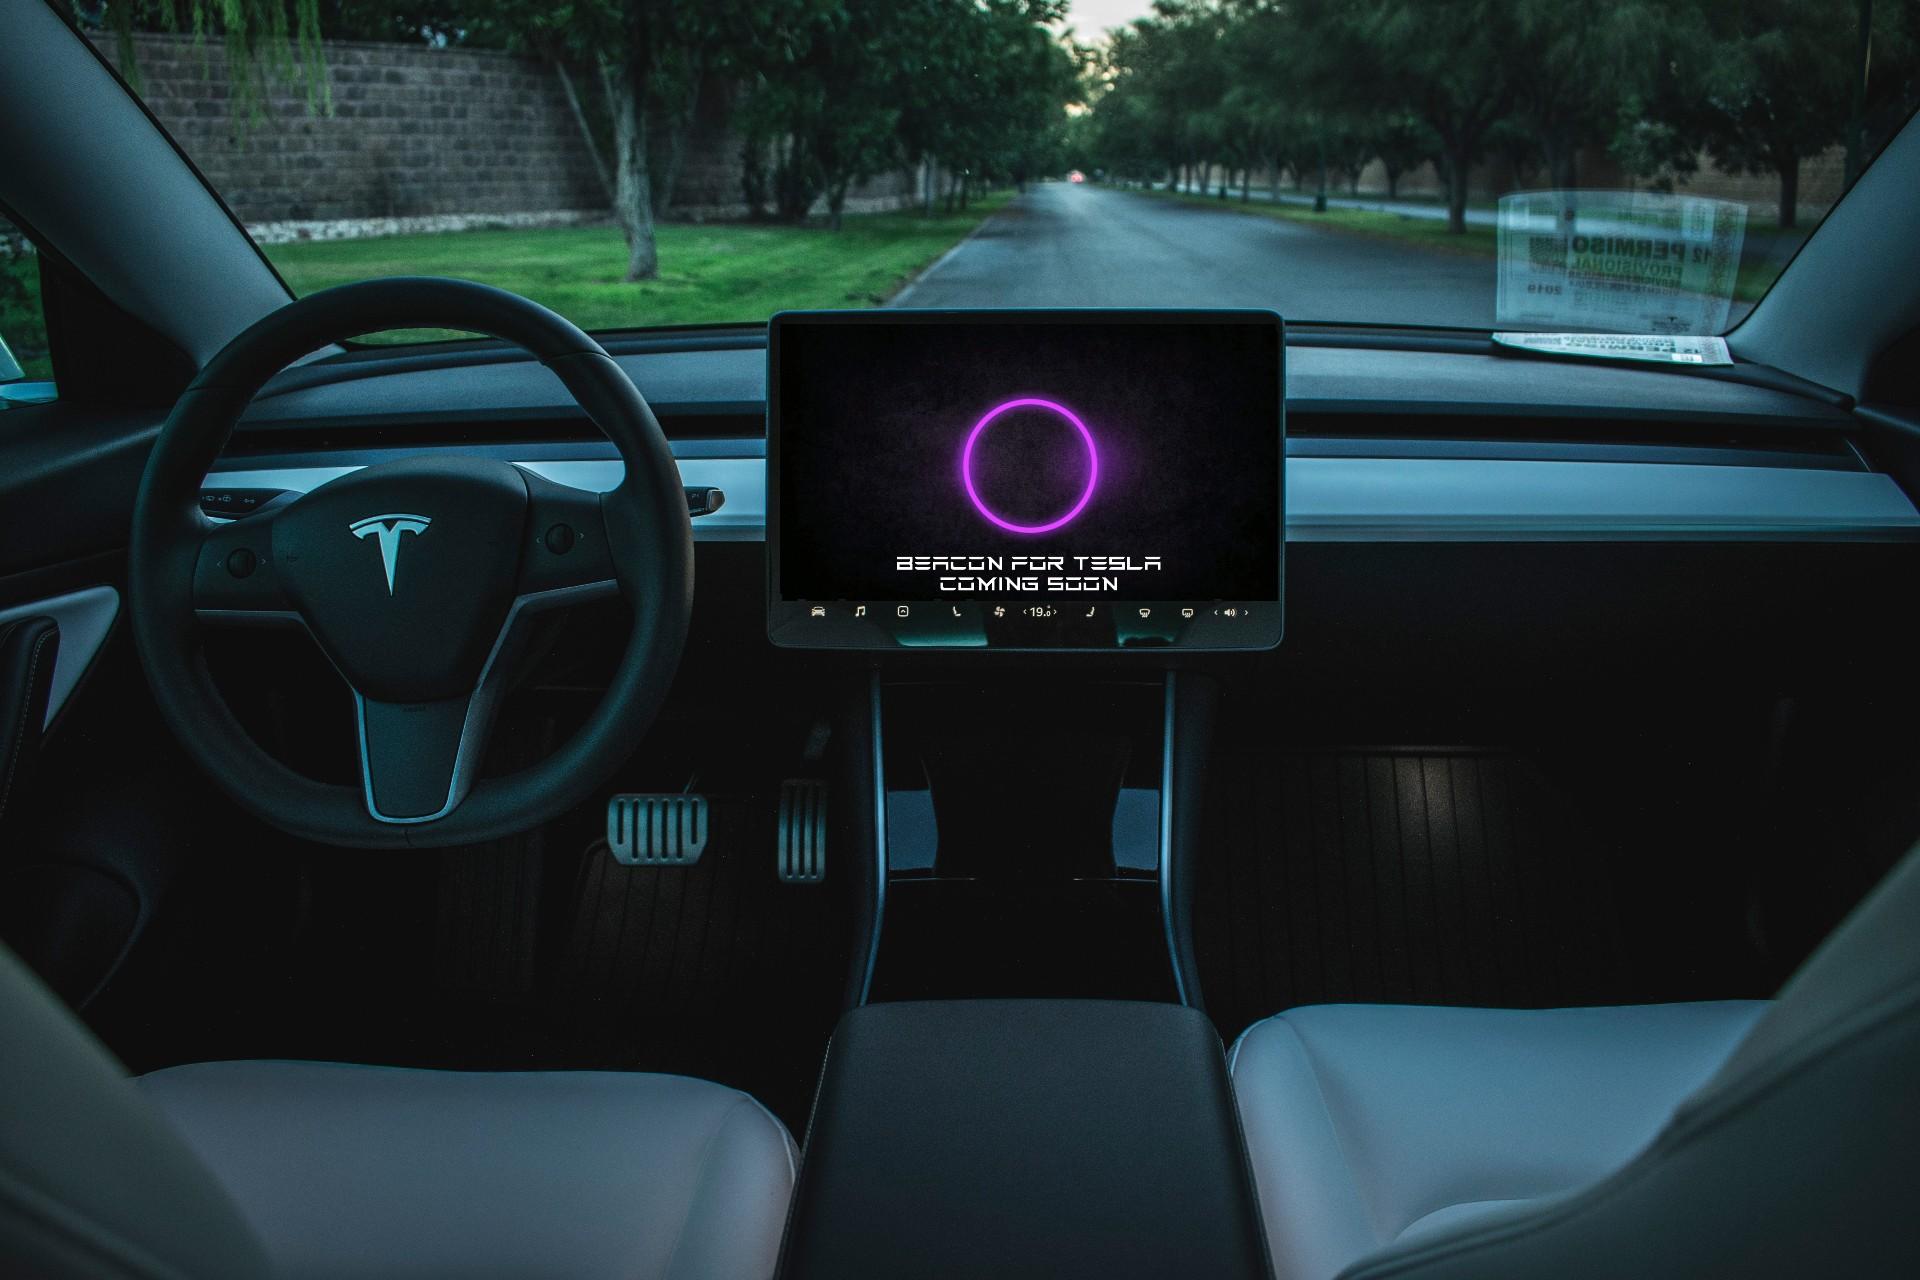 Владелец Tesla Model S делает возможными звонки по видеоконференцсвязи в автомобиле в рамках подготовки к автономному будущему